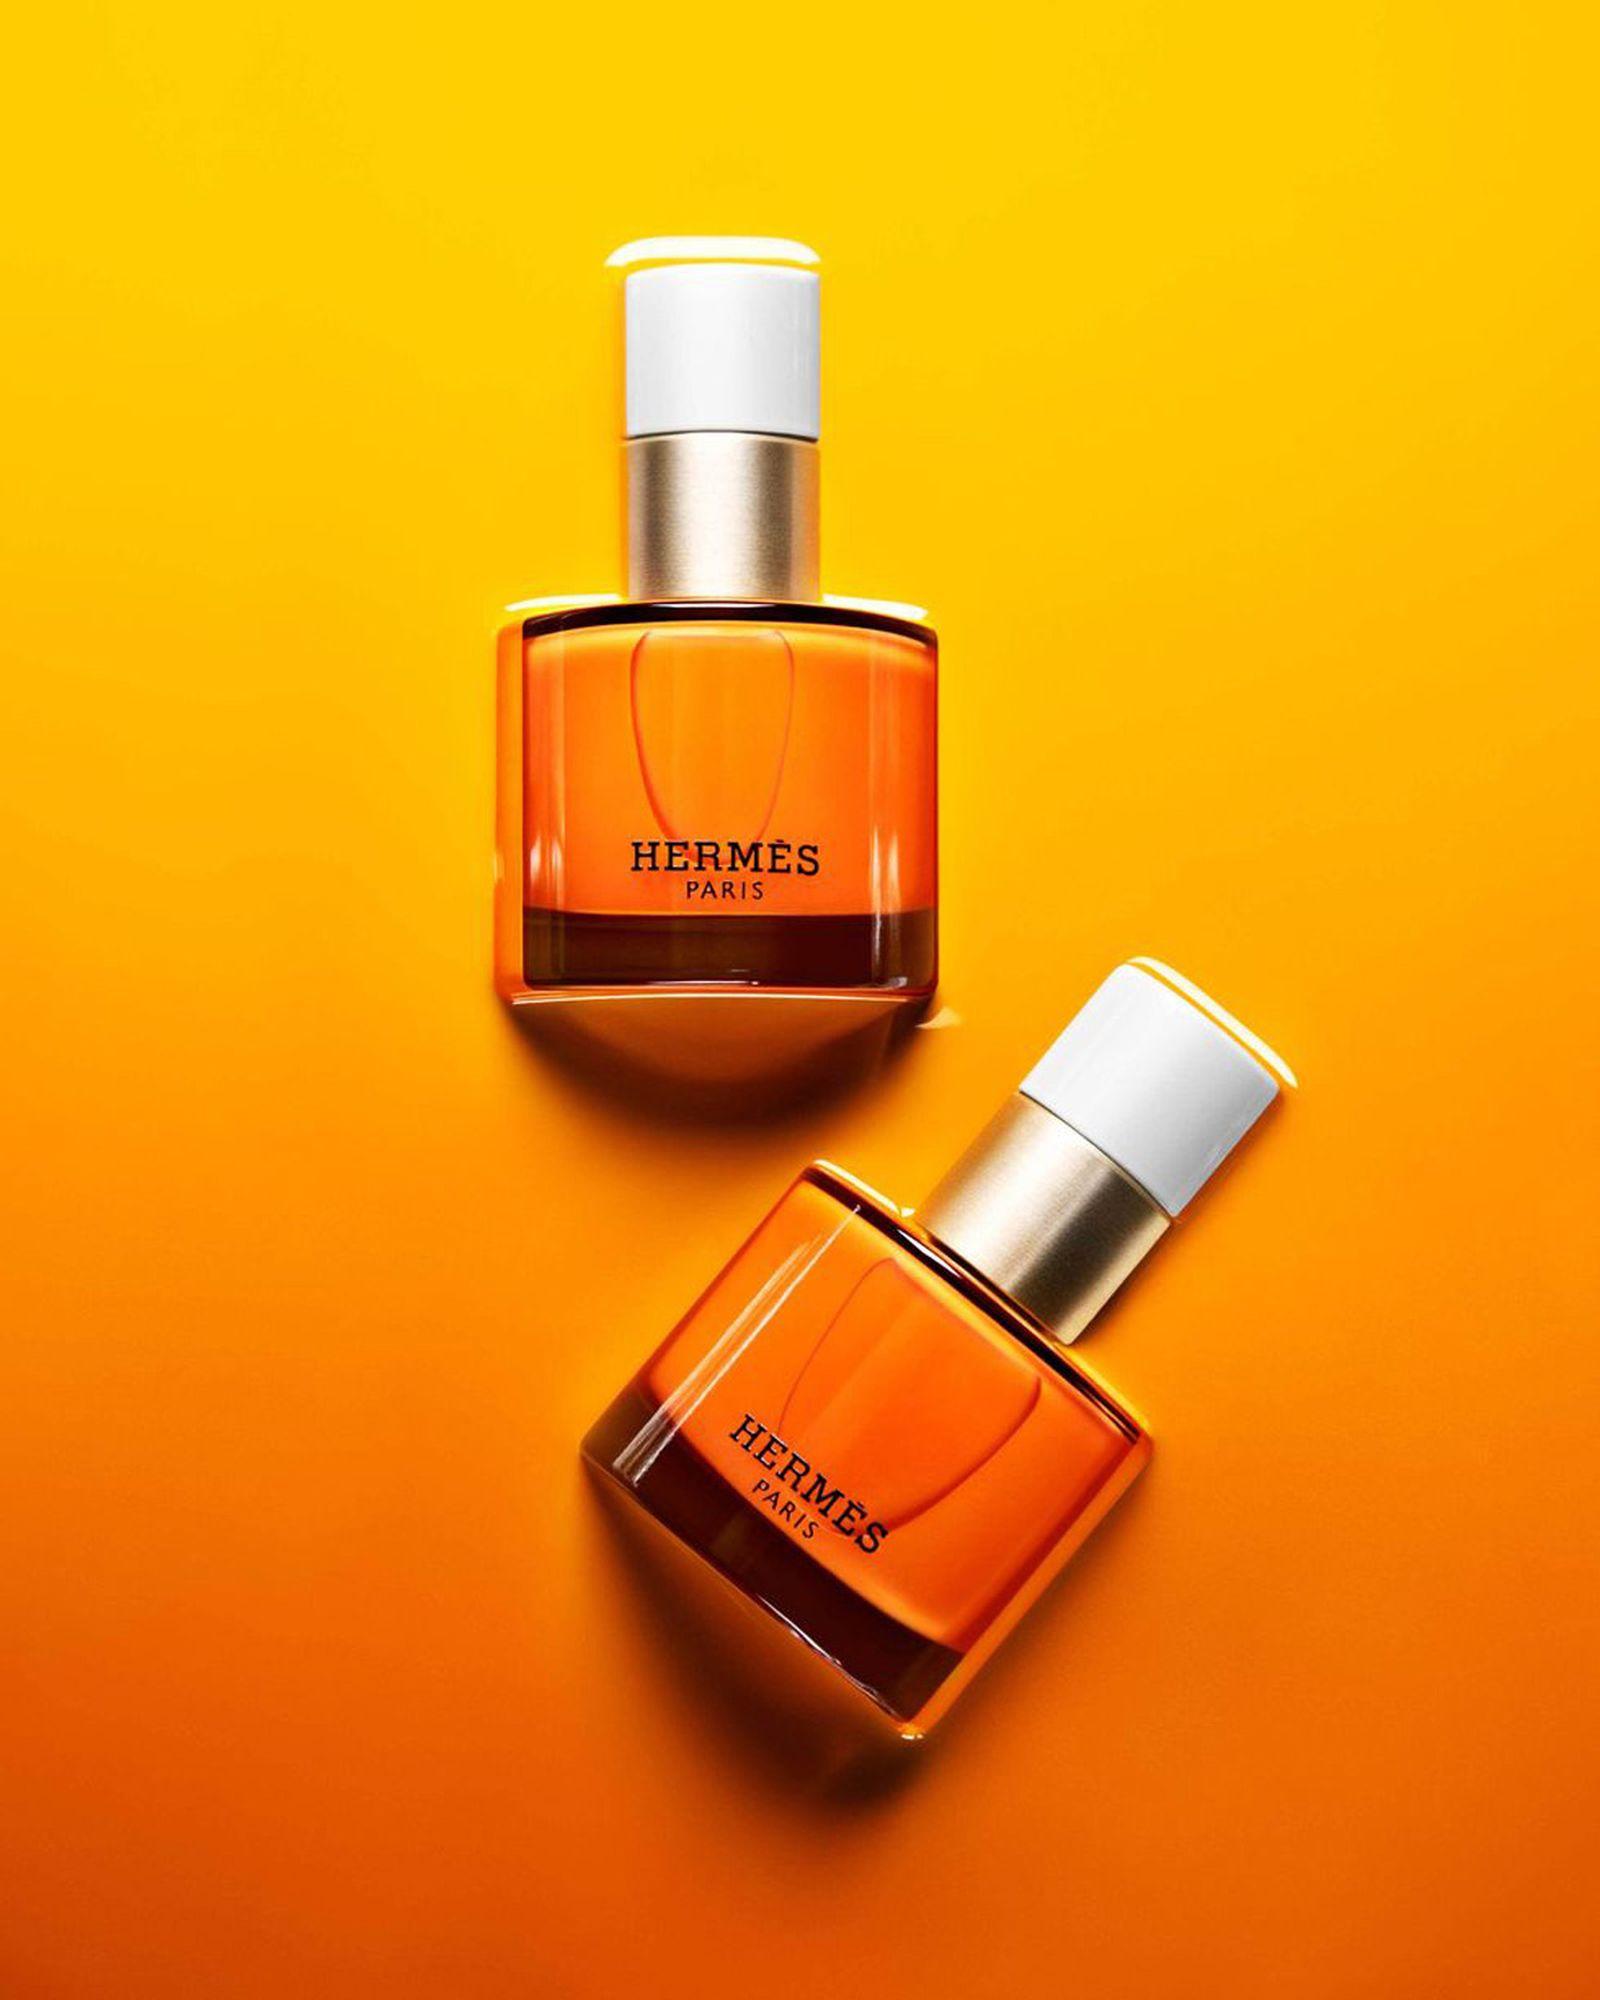 hermes-nail-polish-02